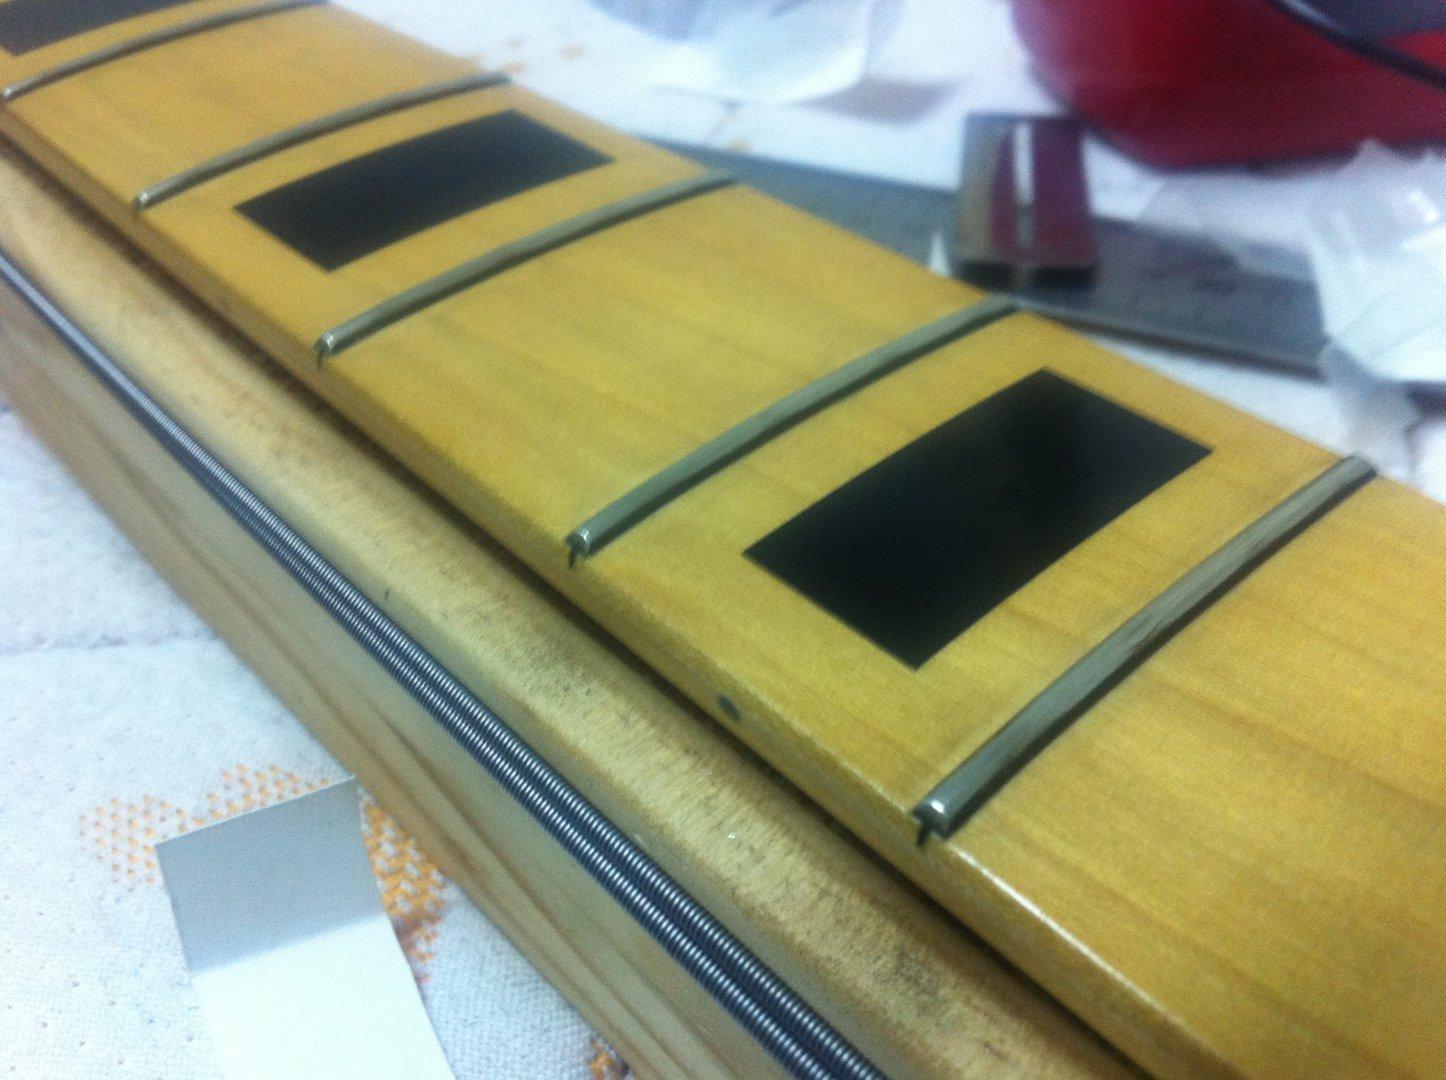 Bass Block Inlay Sticker Hmcustom Online Shop